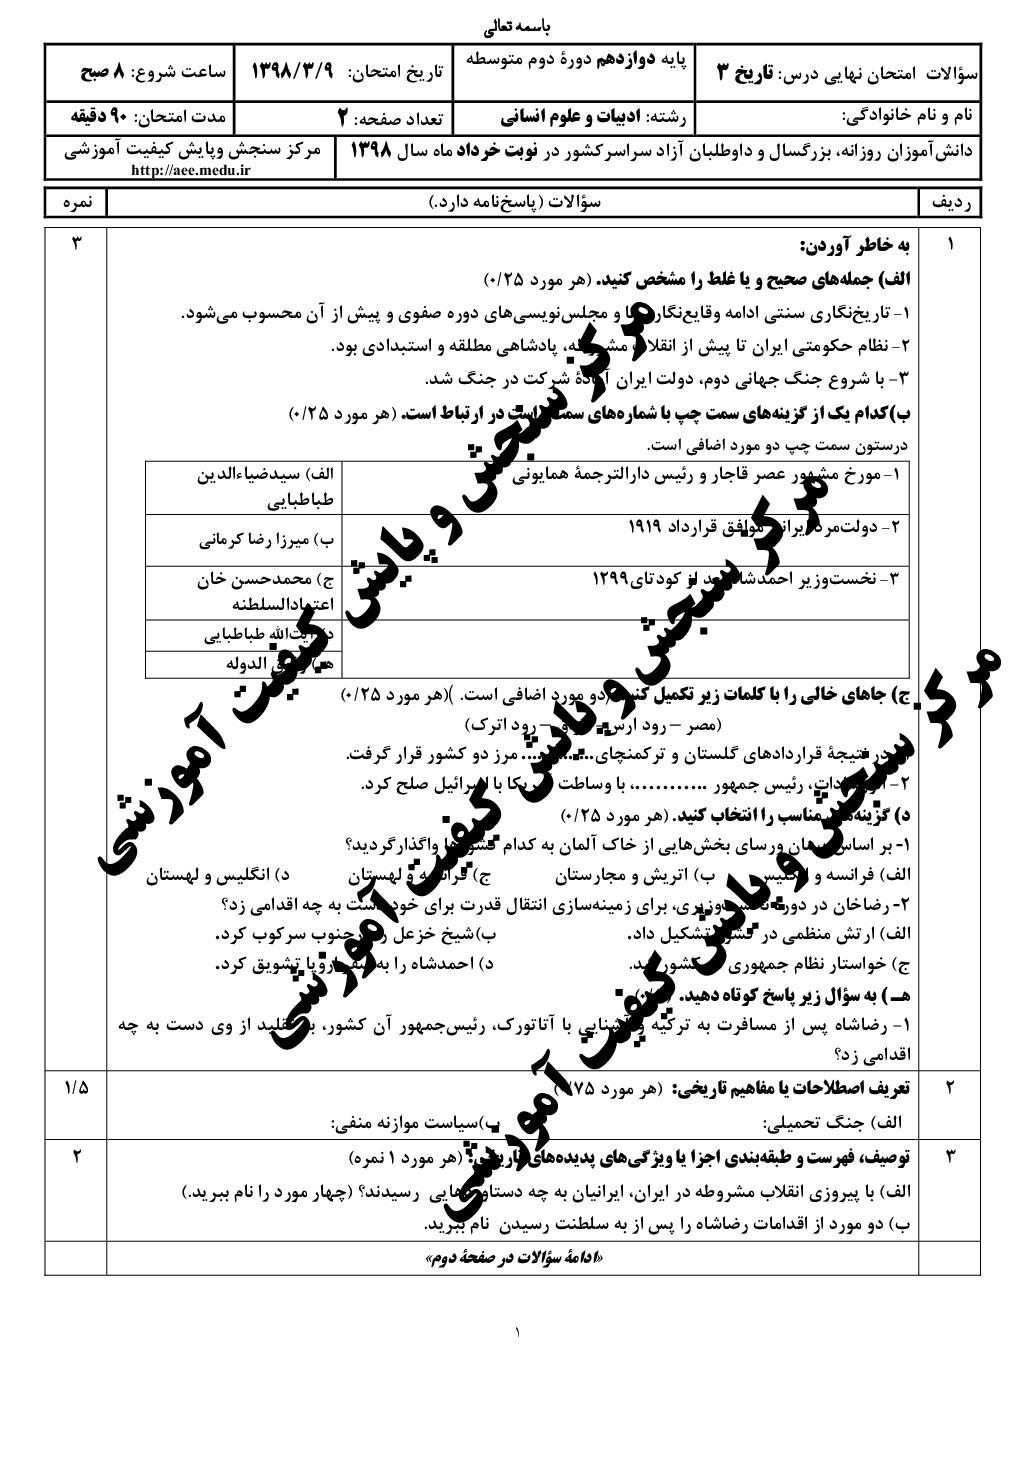 امتحان نهایی تاریخ 3 - خرداد 98 (PDF)